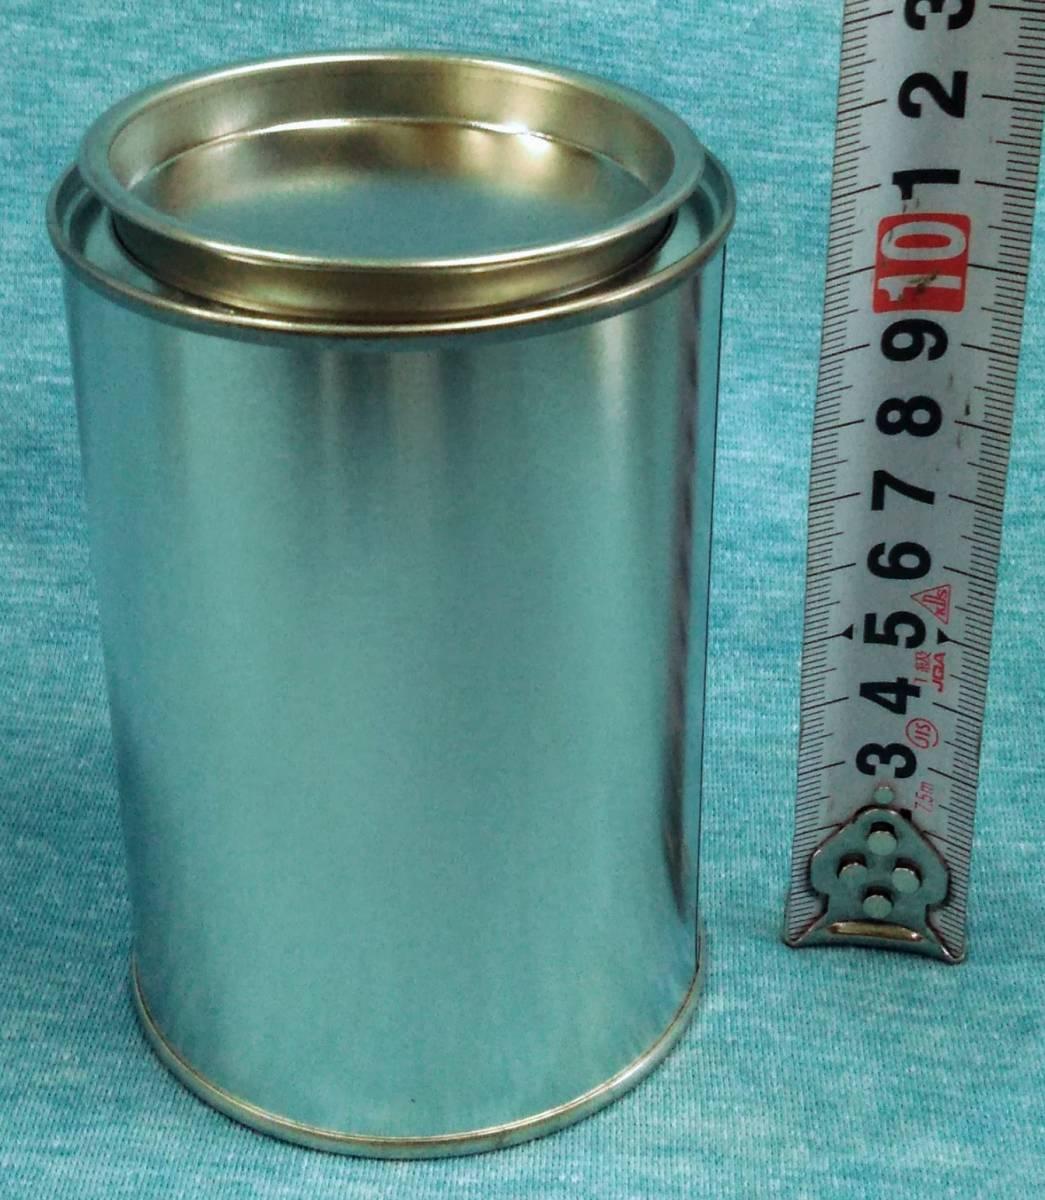 各種小分け 詰め替え保存容器 ブリキ空缶 1ポンド(約500g)缶_画像1